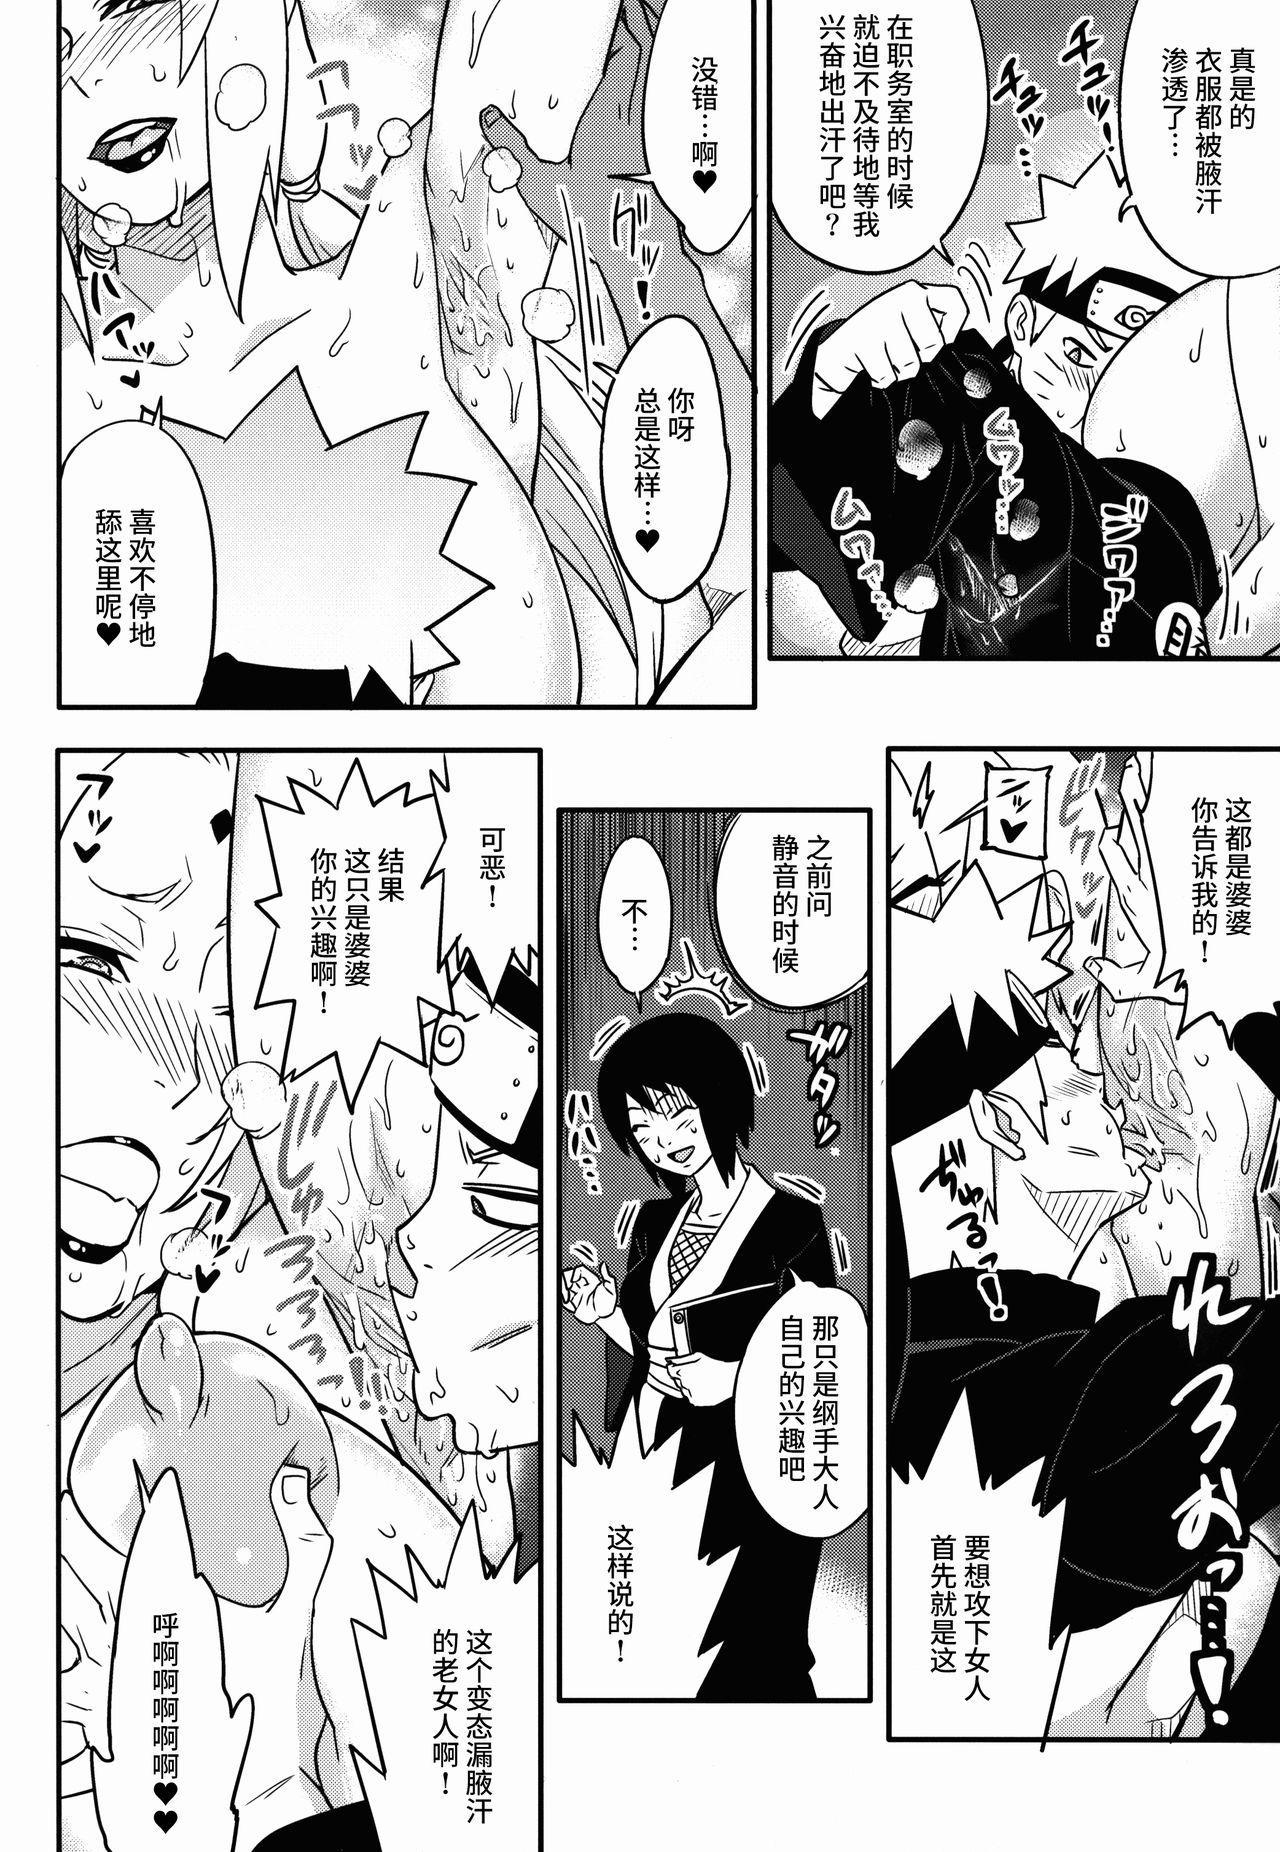 Jukumitsuki Intouden Maki no Ichi 4